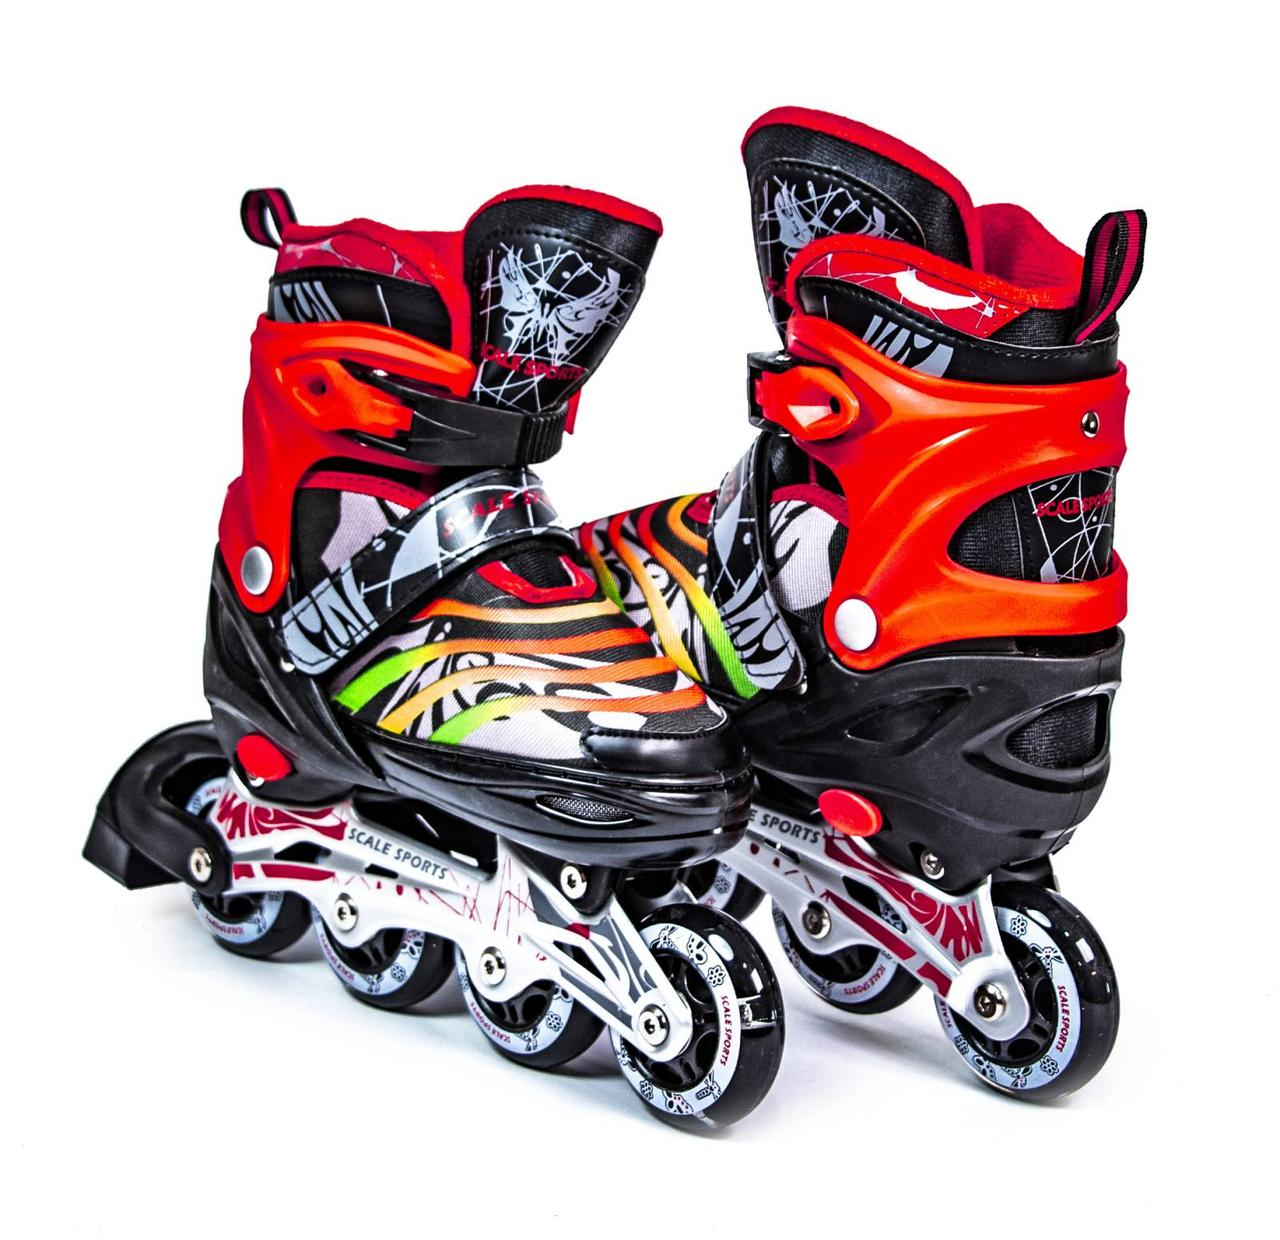 Ролики Scale Sports раздвижные роликовые коньки LF 907M красно-черные, размер 38-41